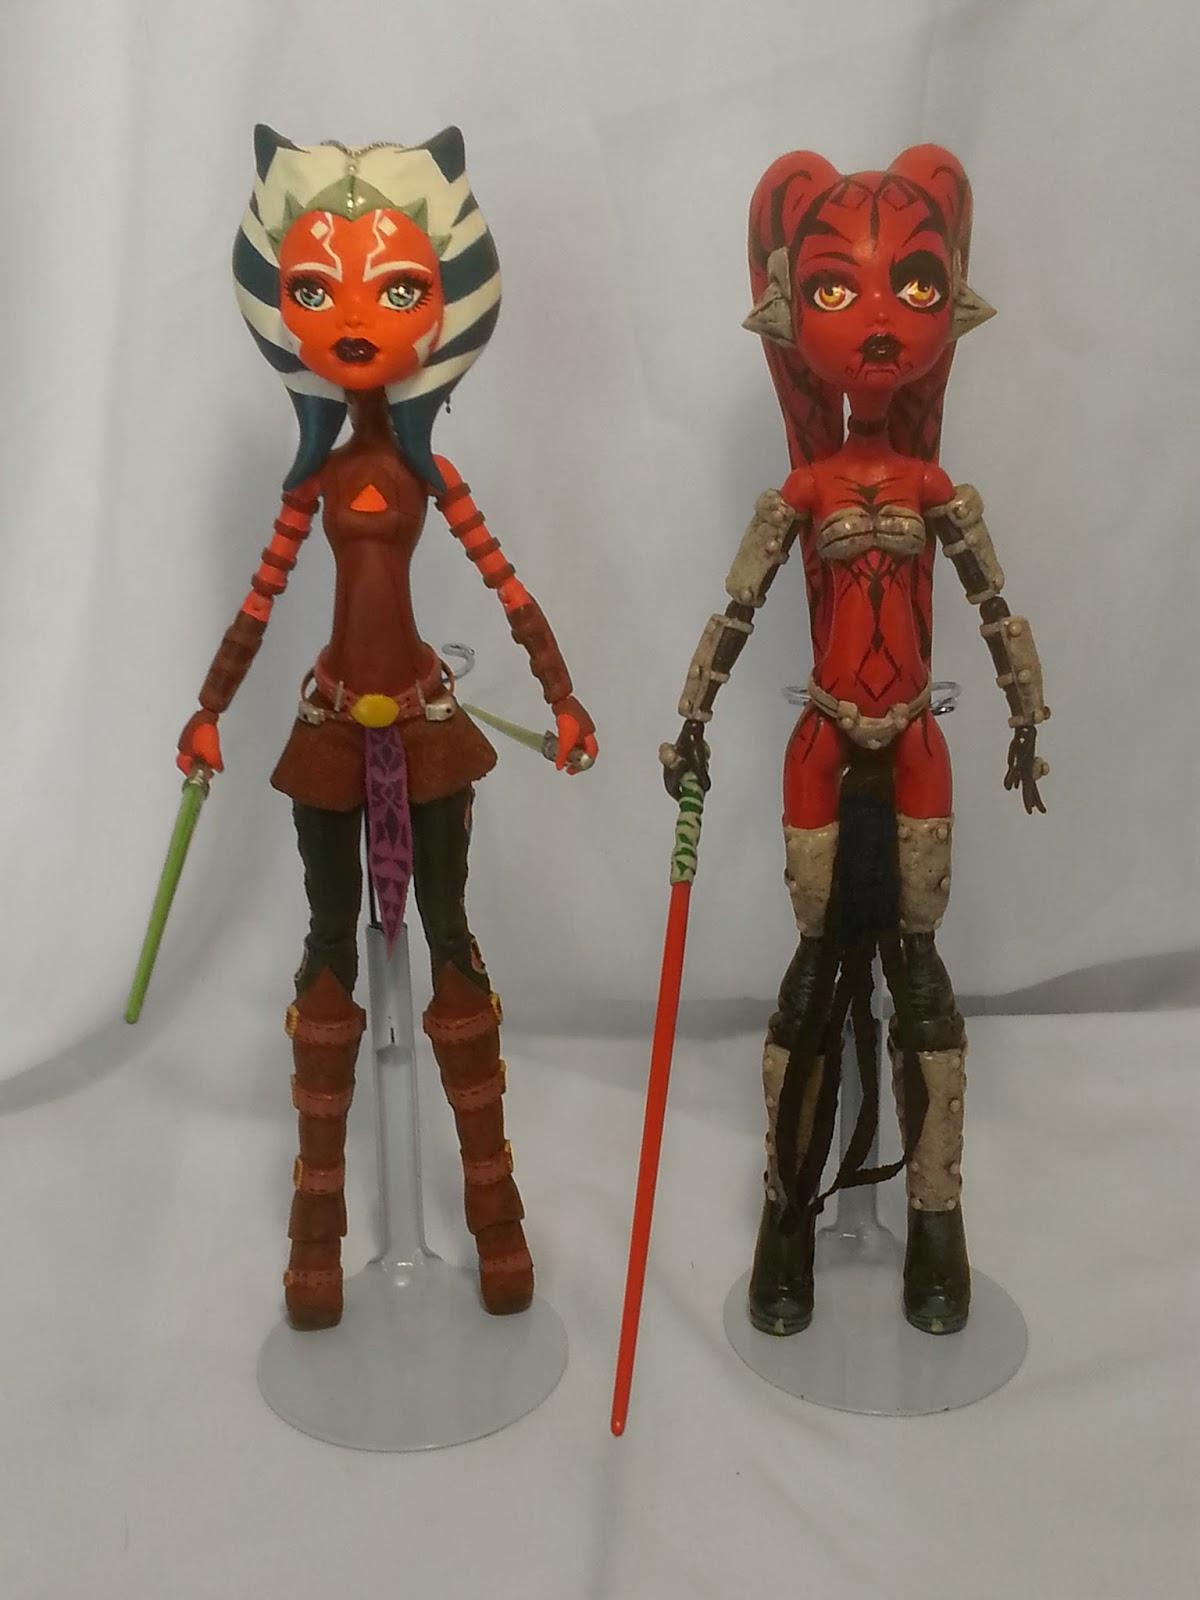 Mike S Custom Toys Ahsoka Tano 12 Inch Figure